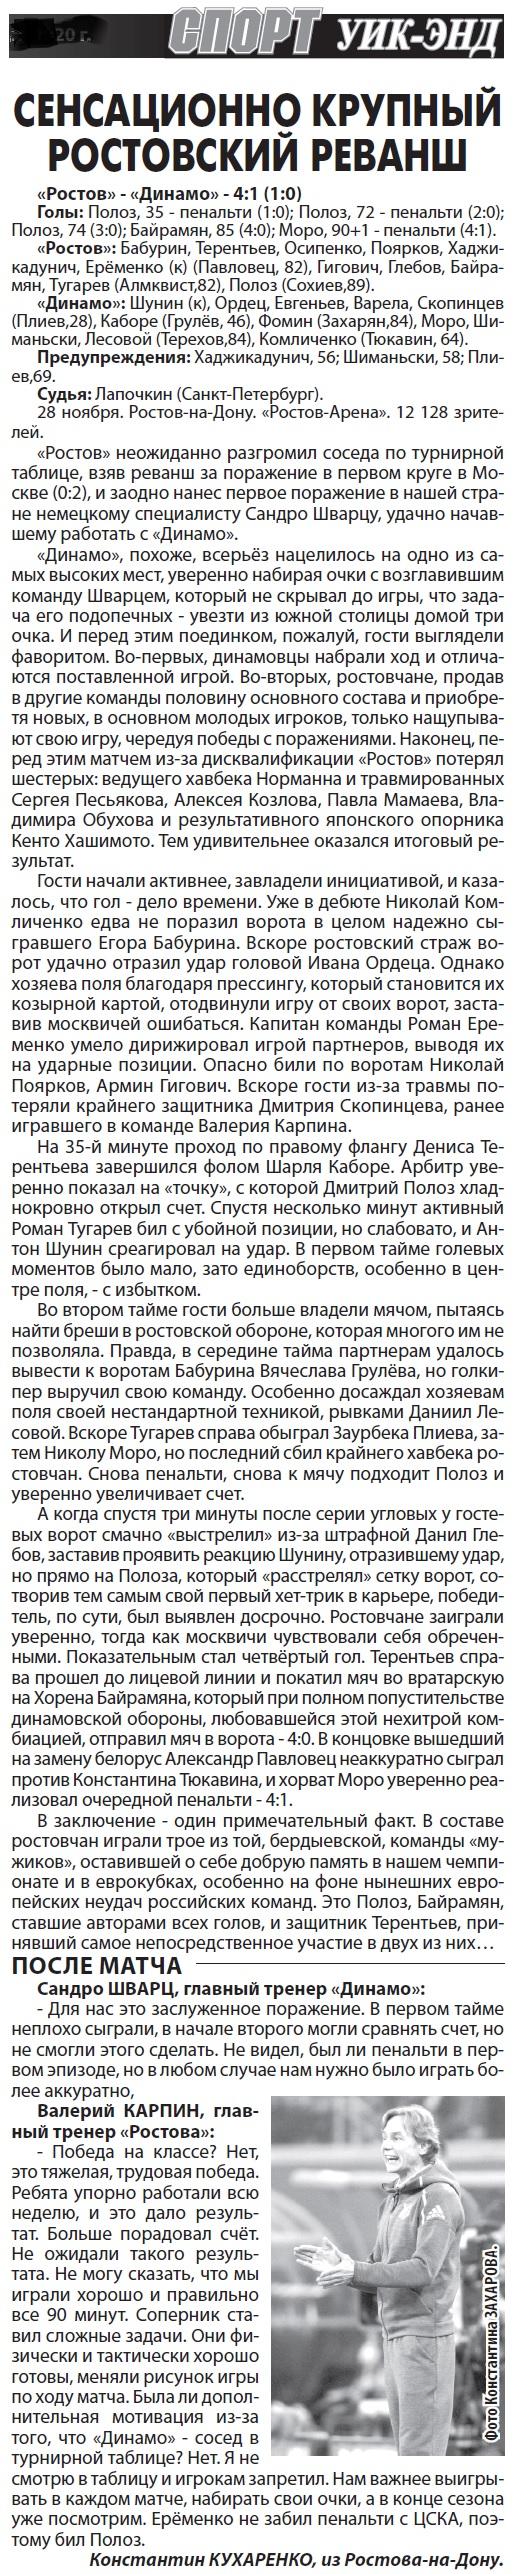 Ростов (Ростов-на-Дону) - Динамо (Москва) 4:1